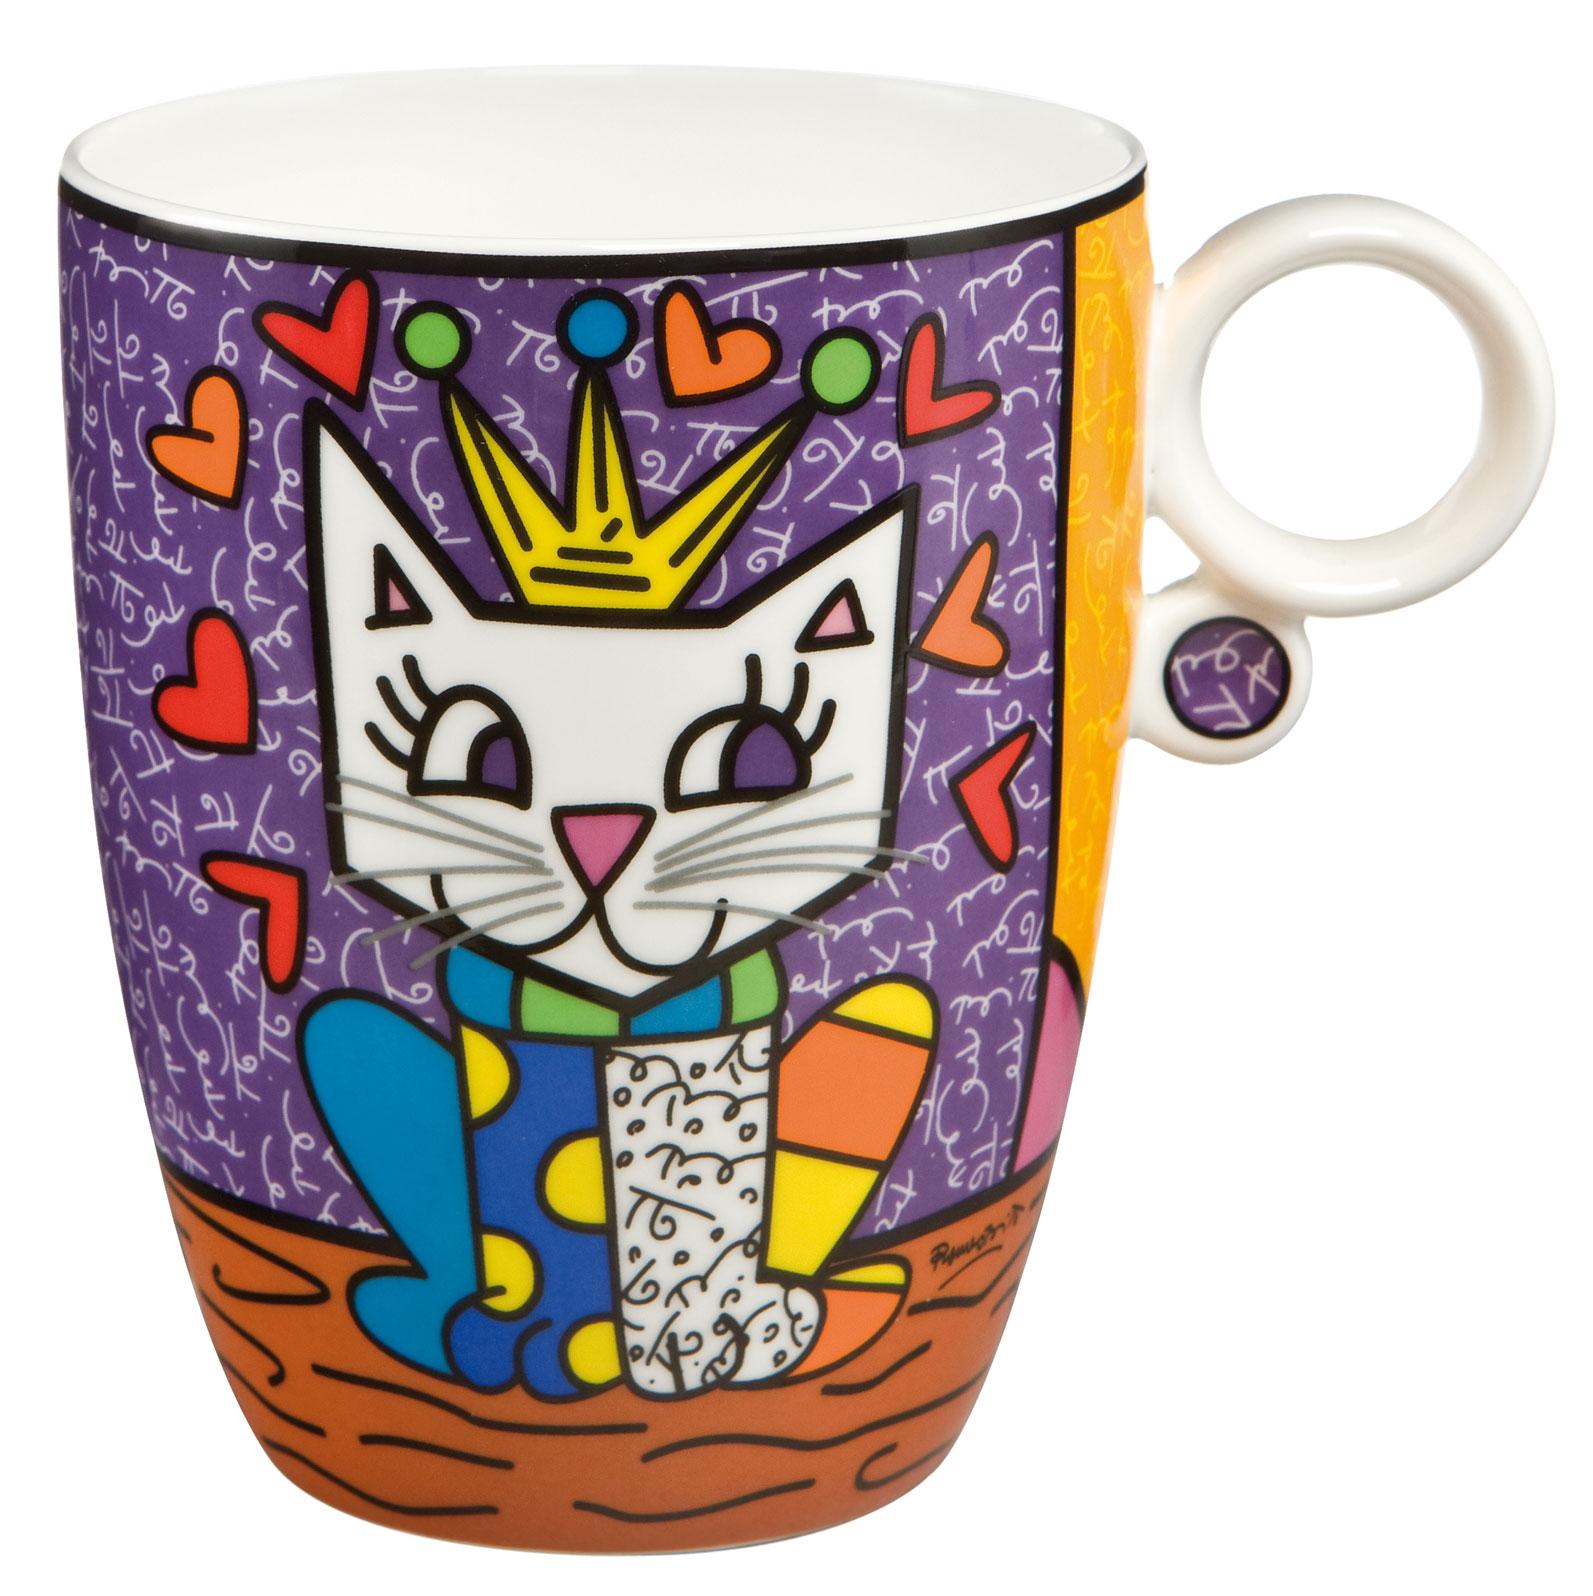 Die Objekte von Romero Britto sind in erster Linie den Themen Liebe, Freundschaft, Hoffnung und Freude gewidmet. Her Royal Highness - Künstlerbecher Spülmaschinengeeignet, doch um die Brillanz der Farben zu schonen, ist Spülen per Hand empfehlenswert.